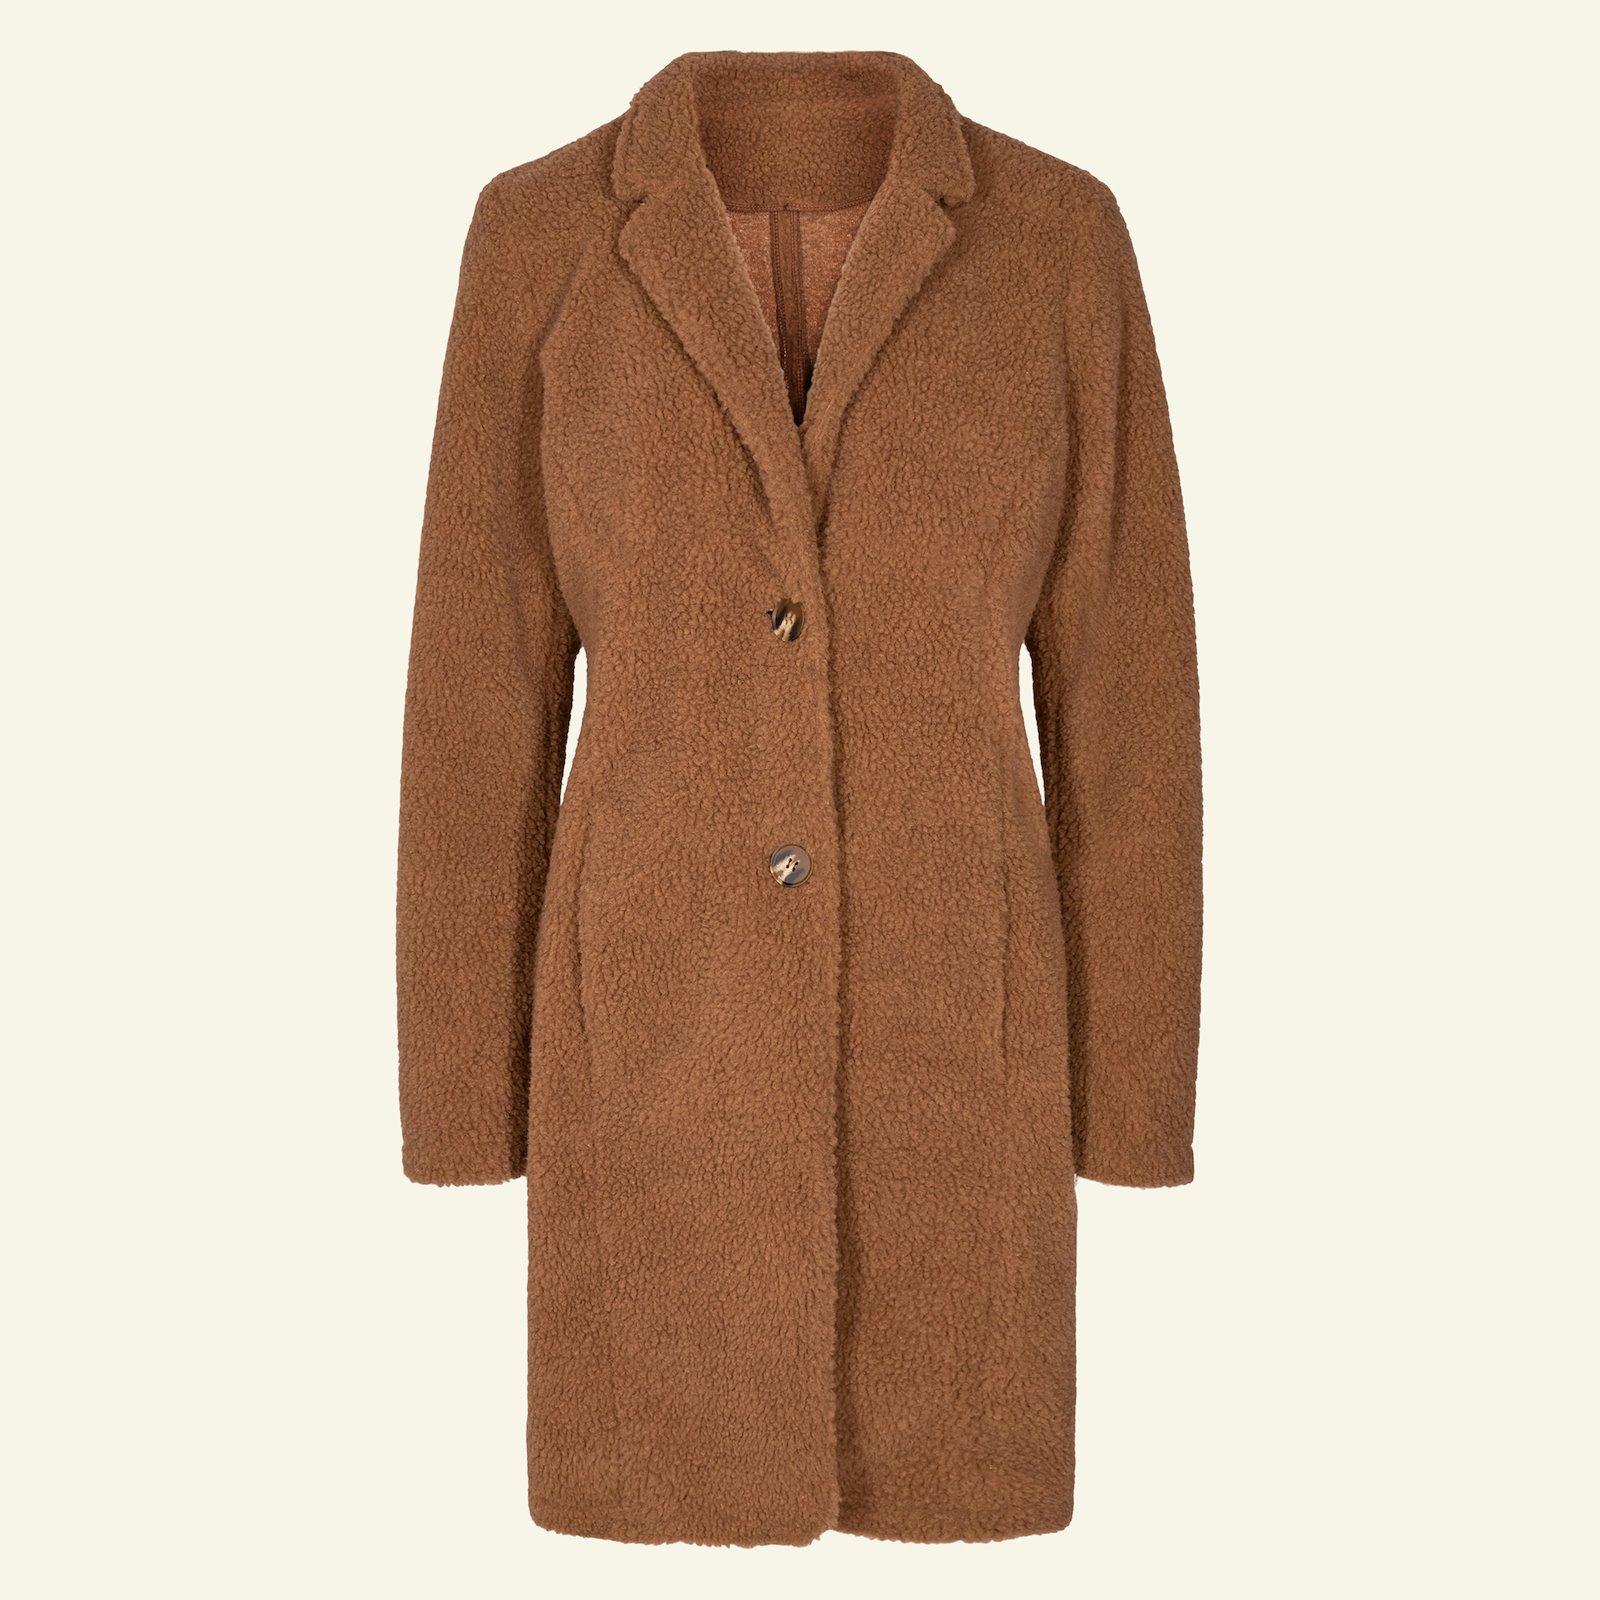 Coat, 36/8 p24037_910274_sskit